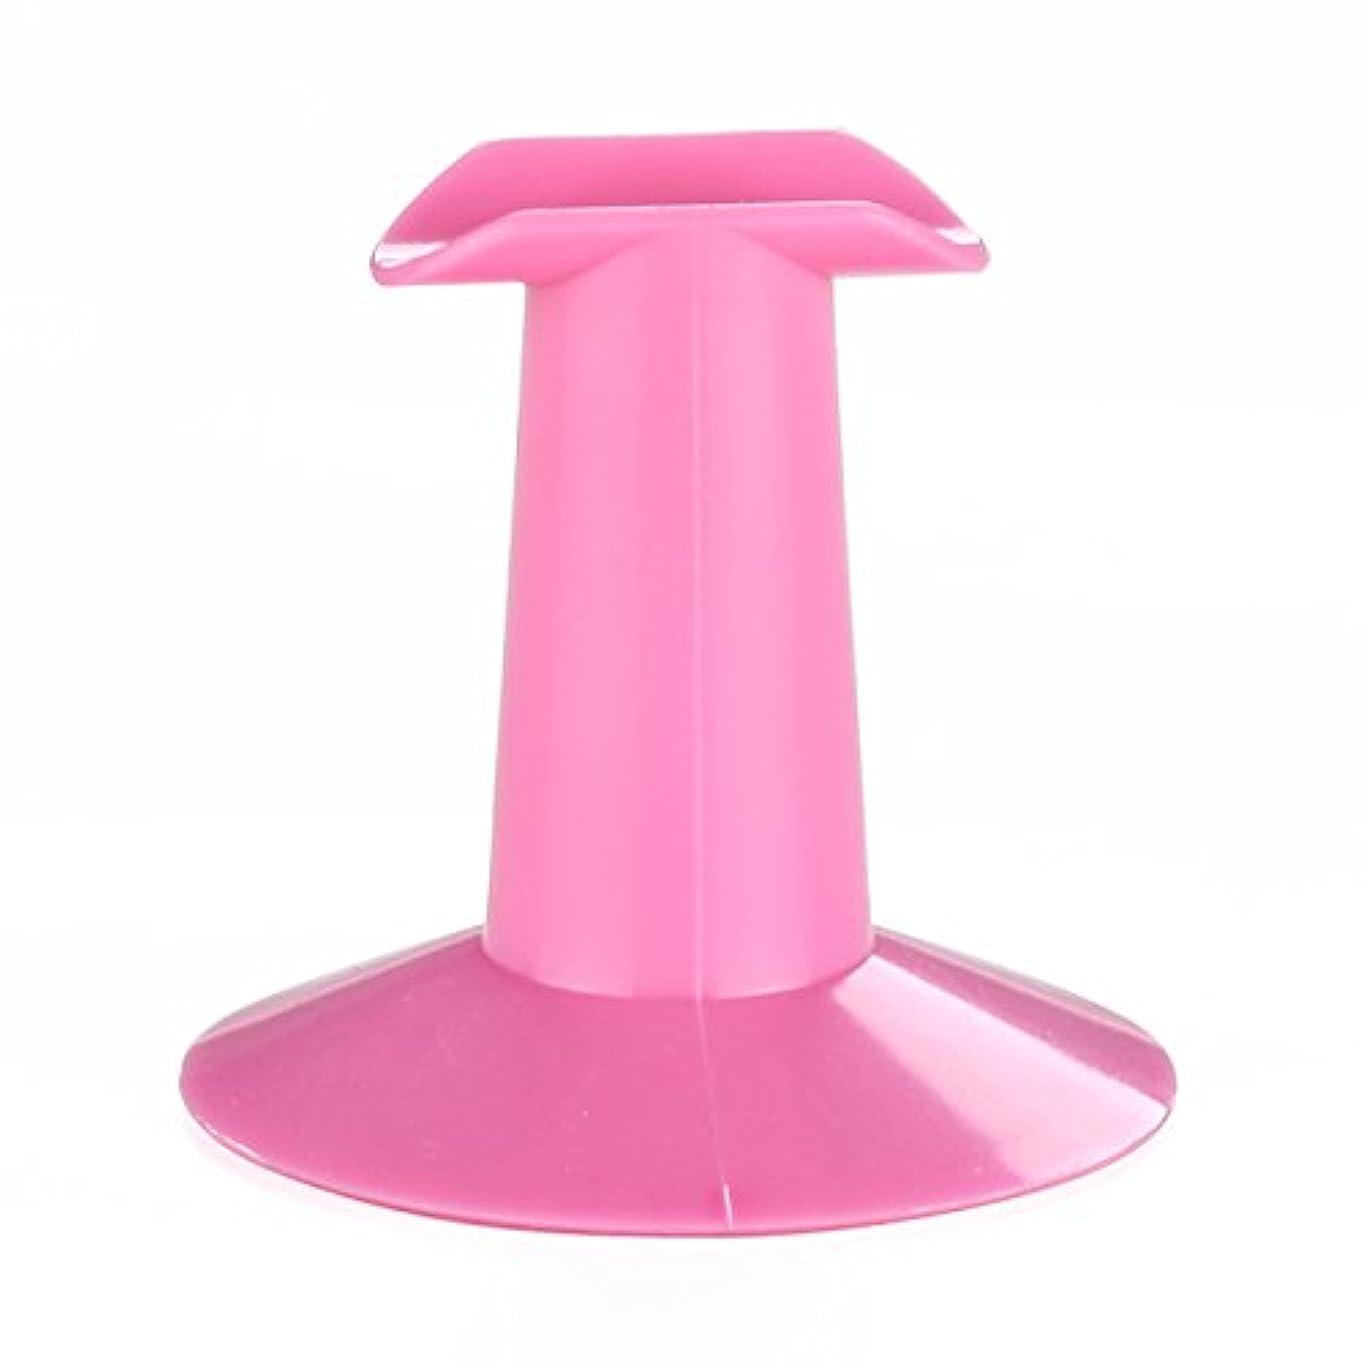 お別れアクセスできない発音するGaoominy 5xハードプラスチック製ピンクのフィンガースタンドサポート レスト ネイルアートデザイン 絵画サロンDIY